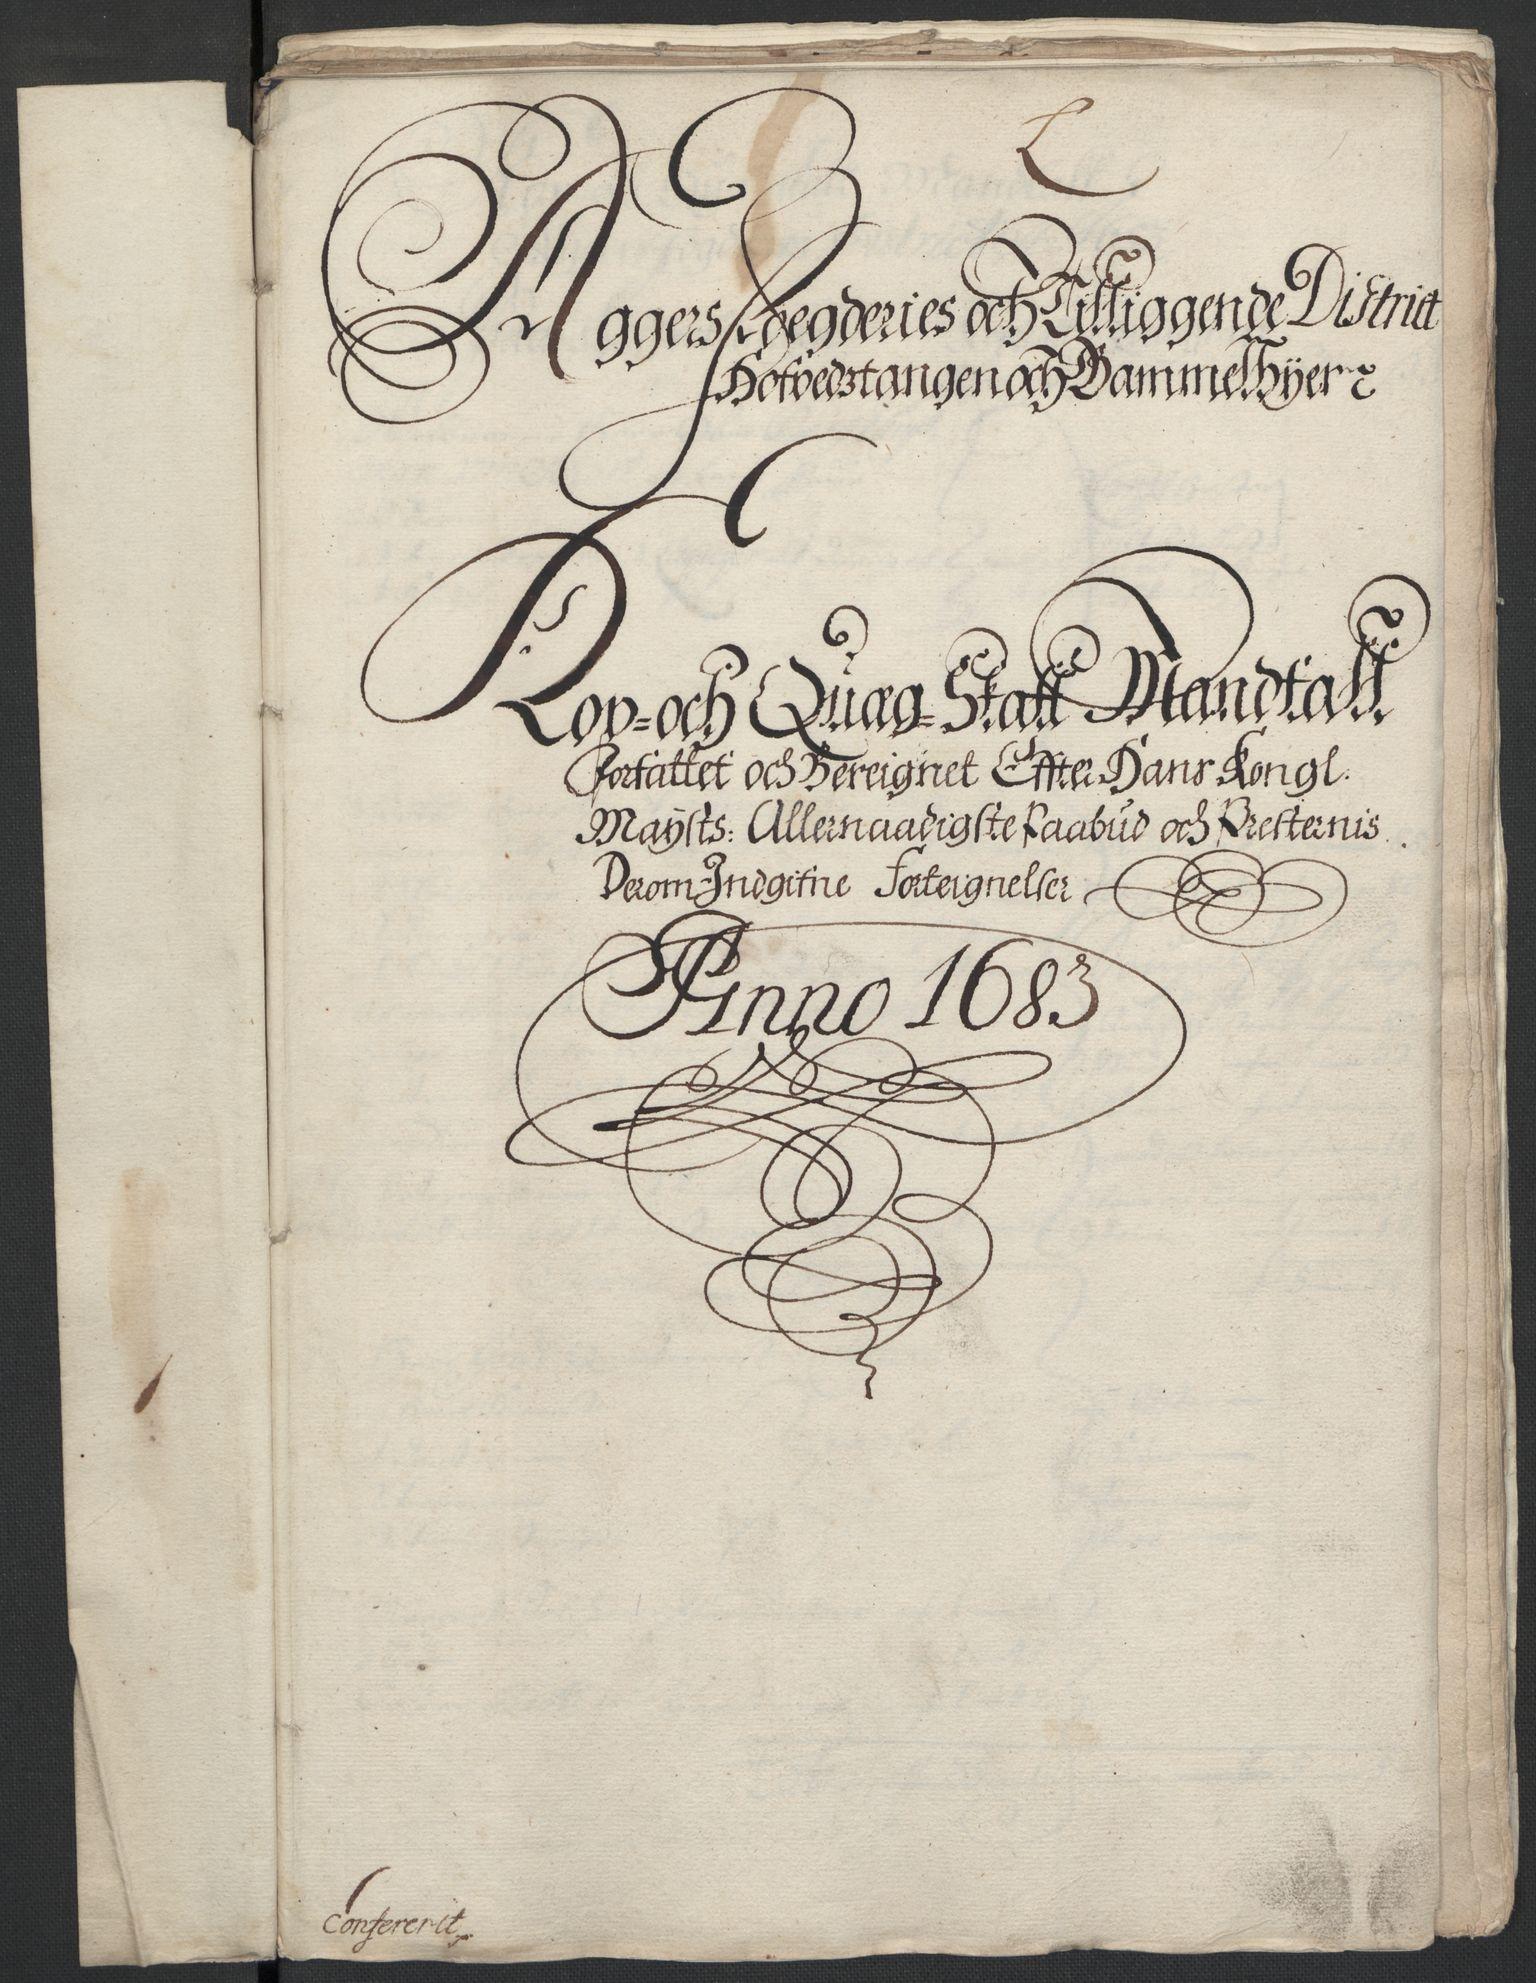 RA, Rentekammeret inntil 1814, Reviderte regnskaper, Fogderegnskap, R08/L0420: Fogderegnskap Aker, 1682-1691, s. 281